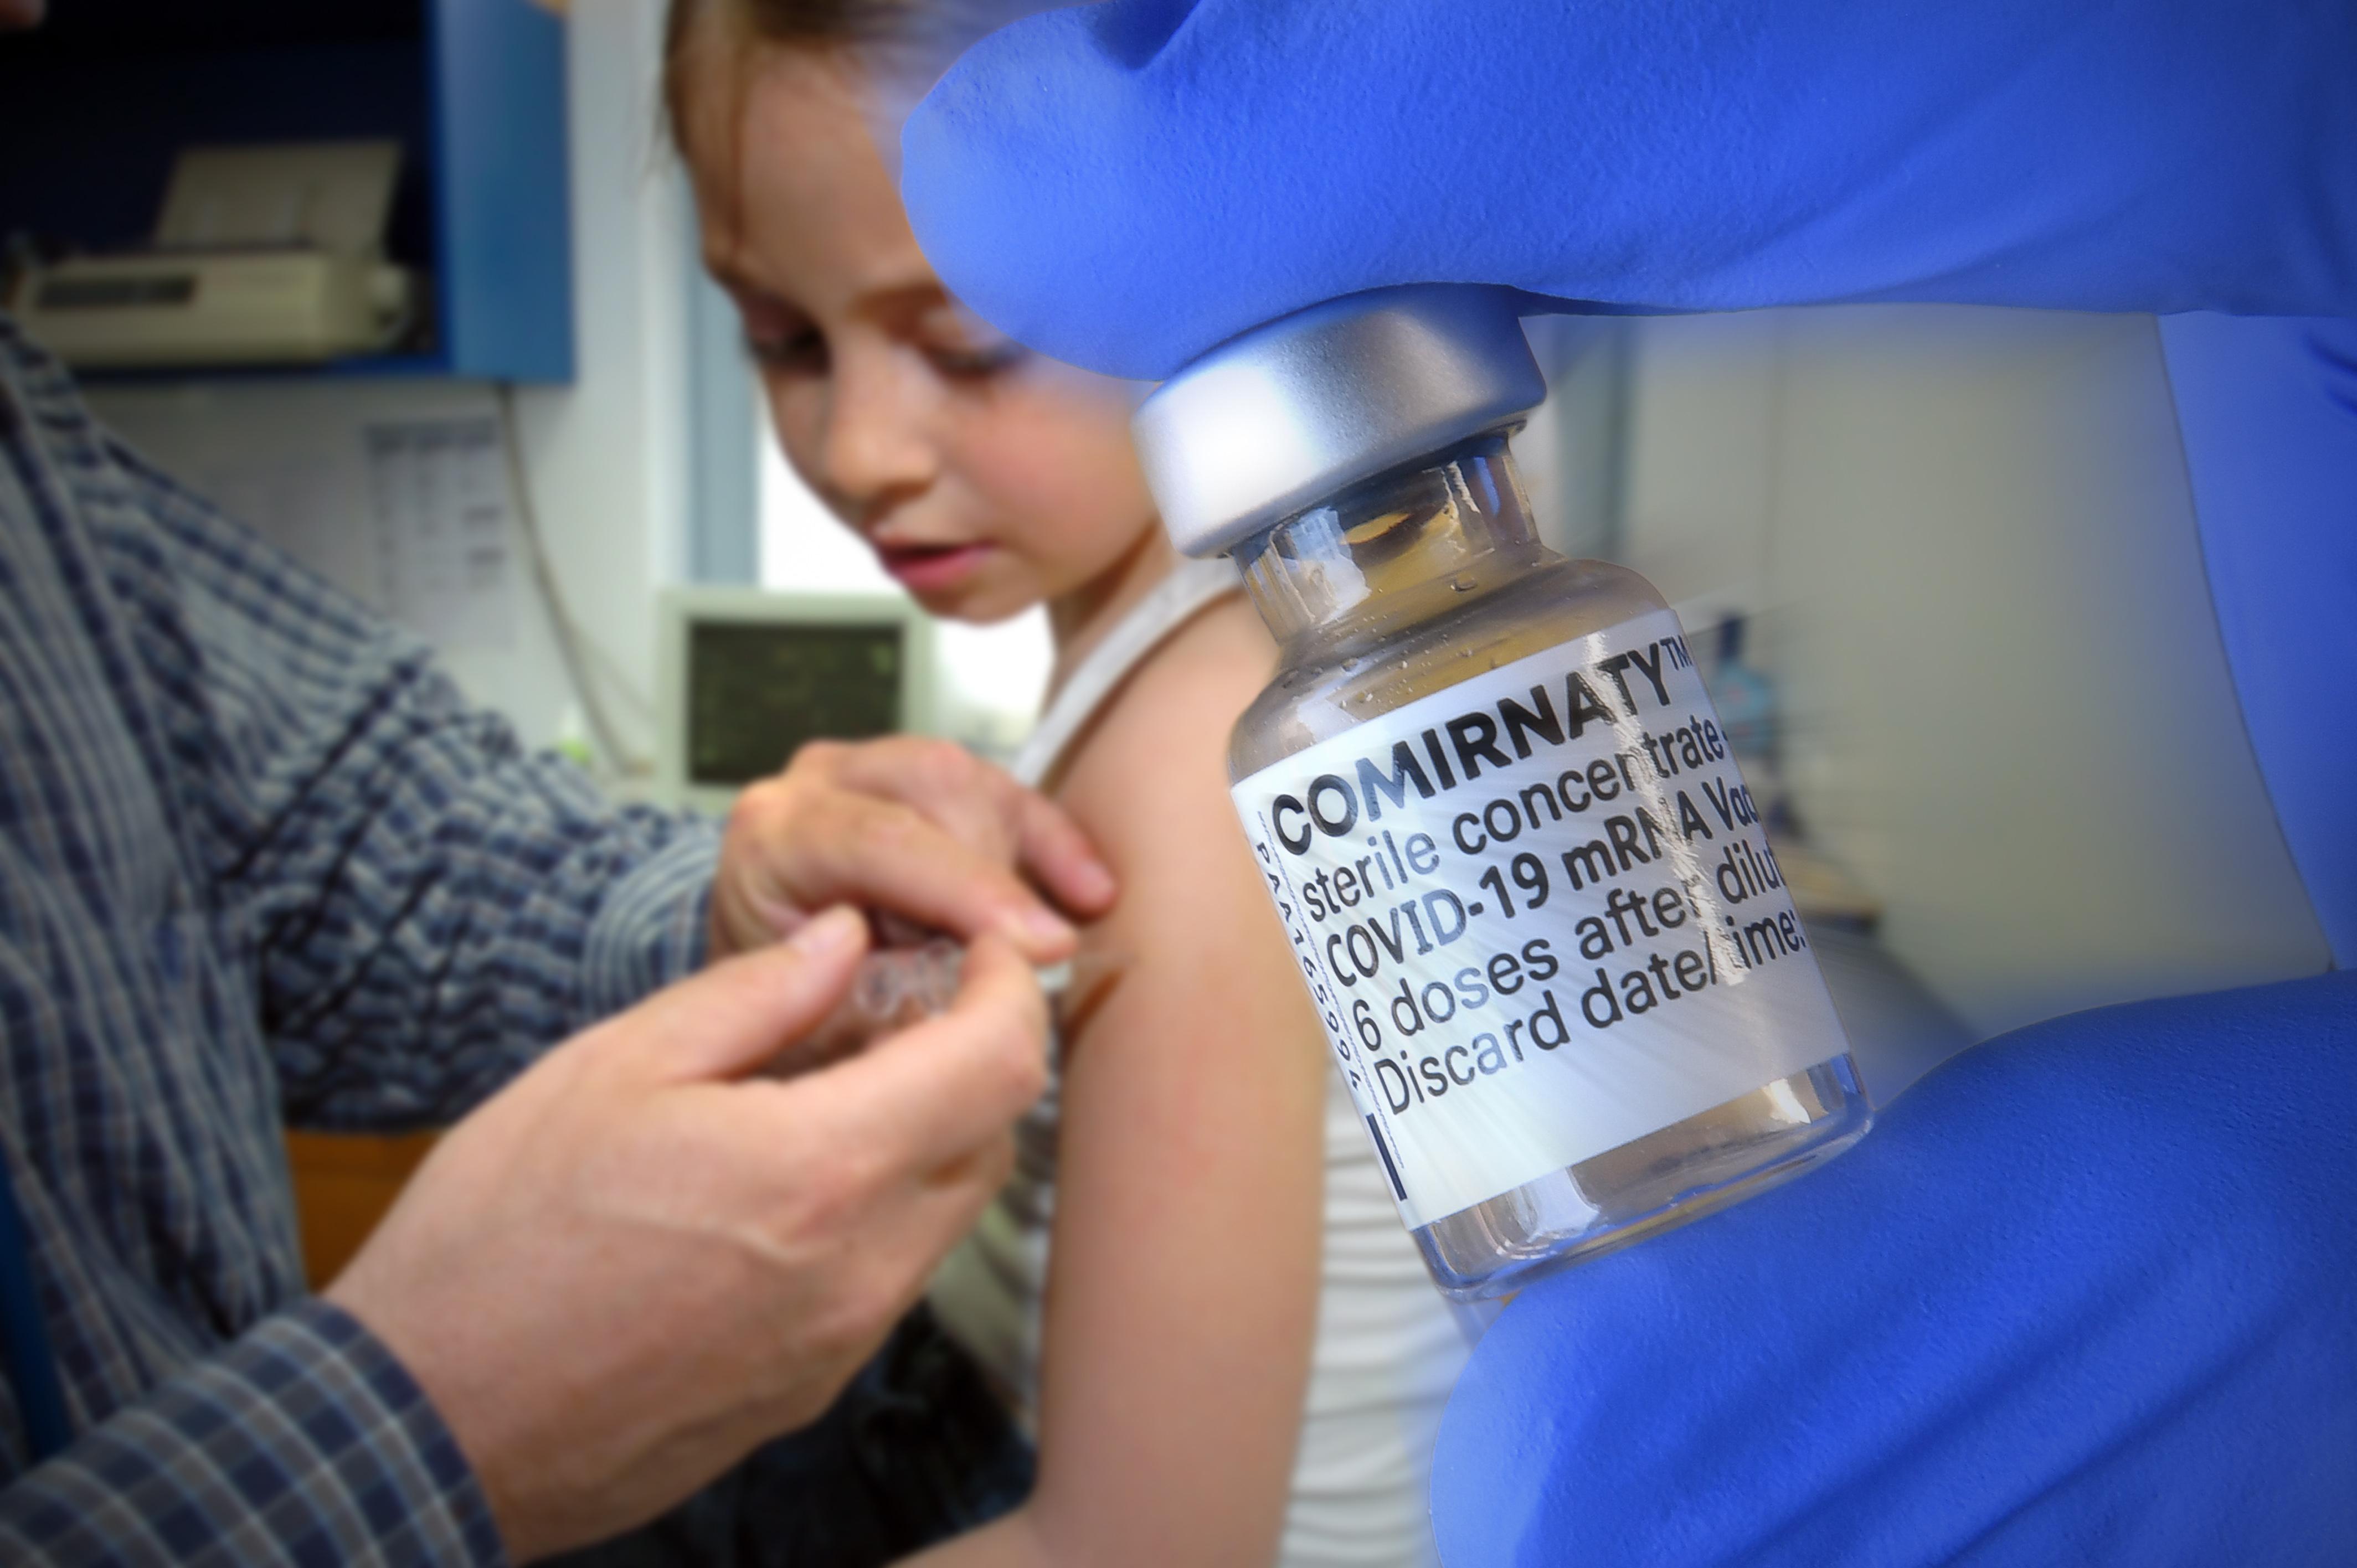 Corona: Biontech-Impfstoff schützt Kinder sicher vor Covid-19